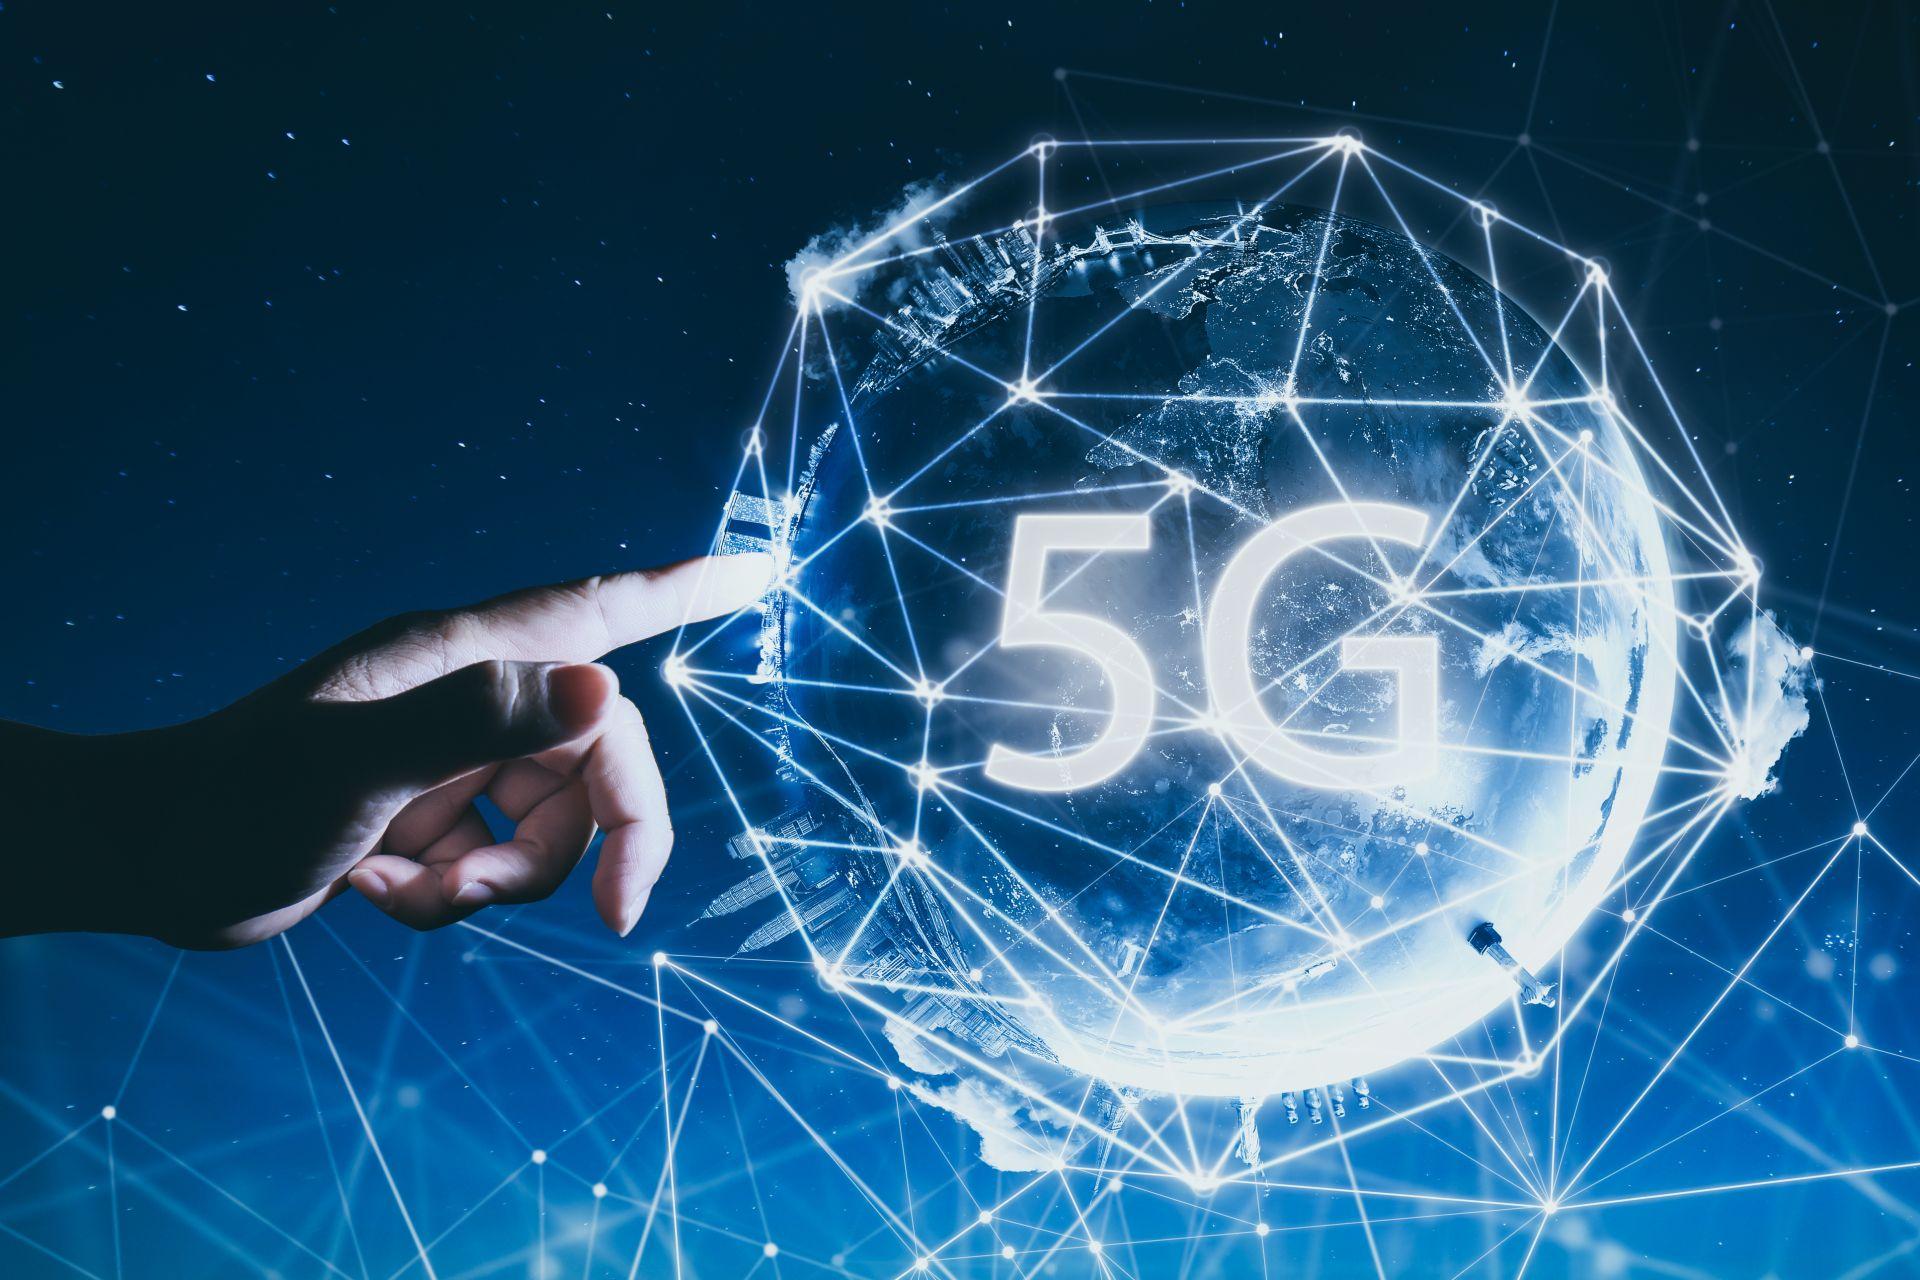 5G има потенциала да промени геополитическия облик на планетата